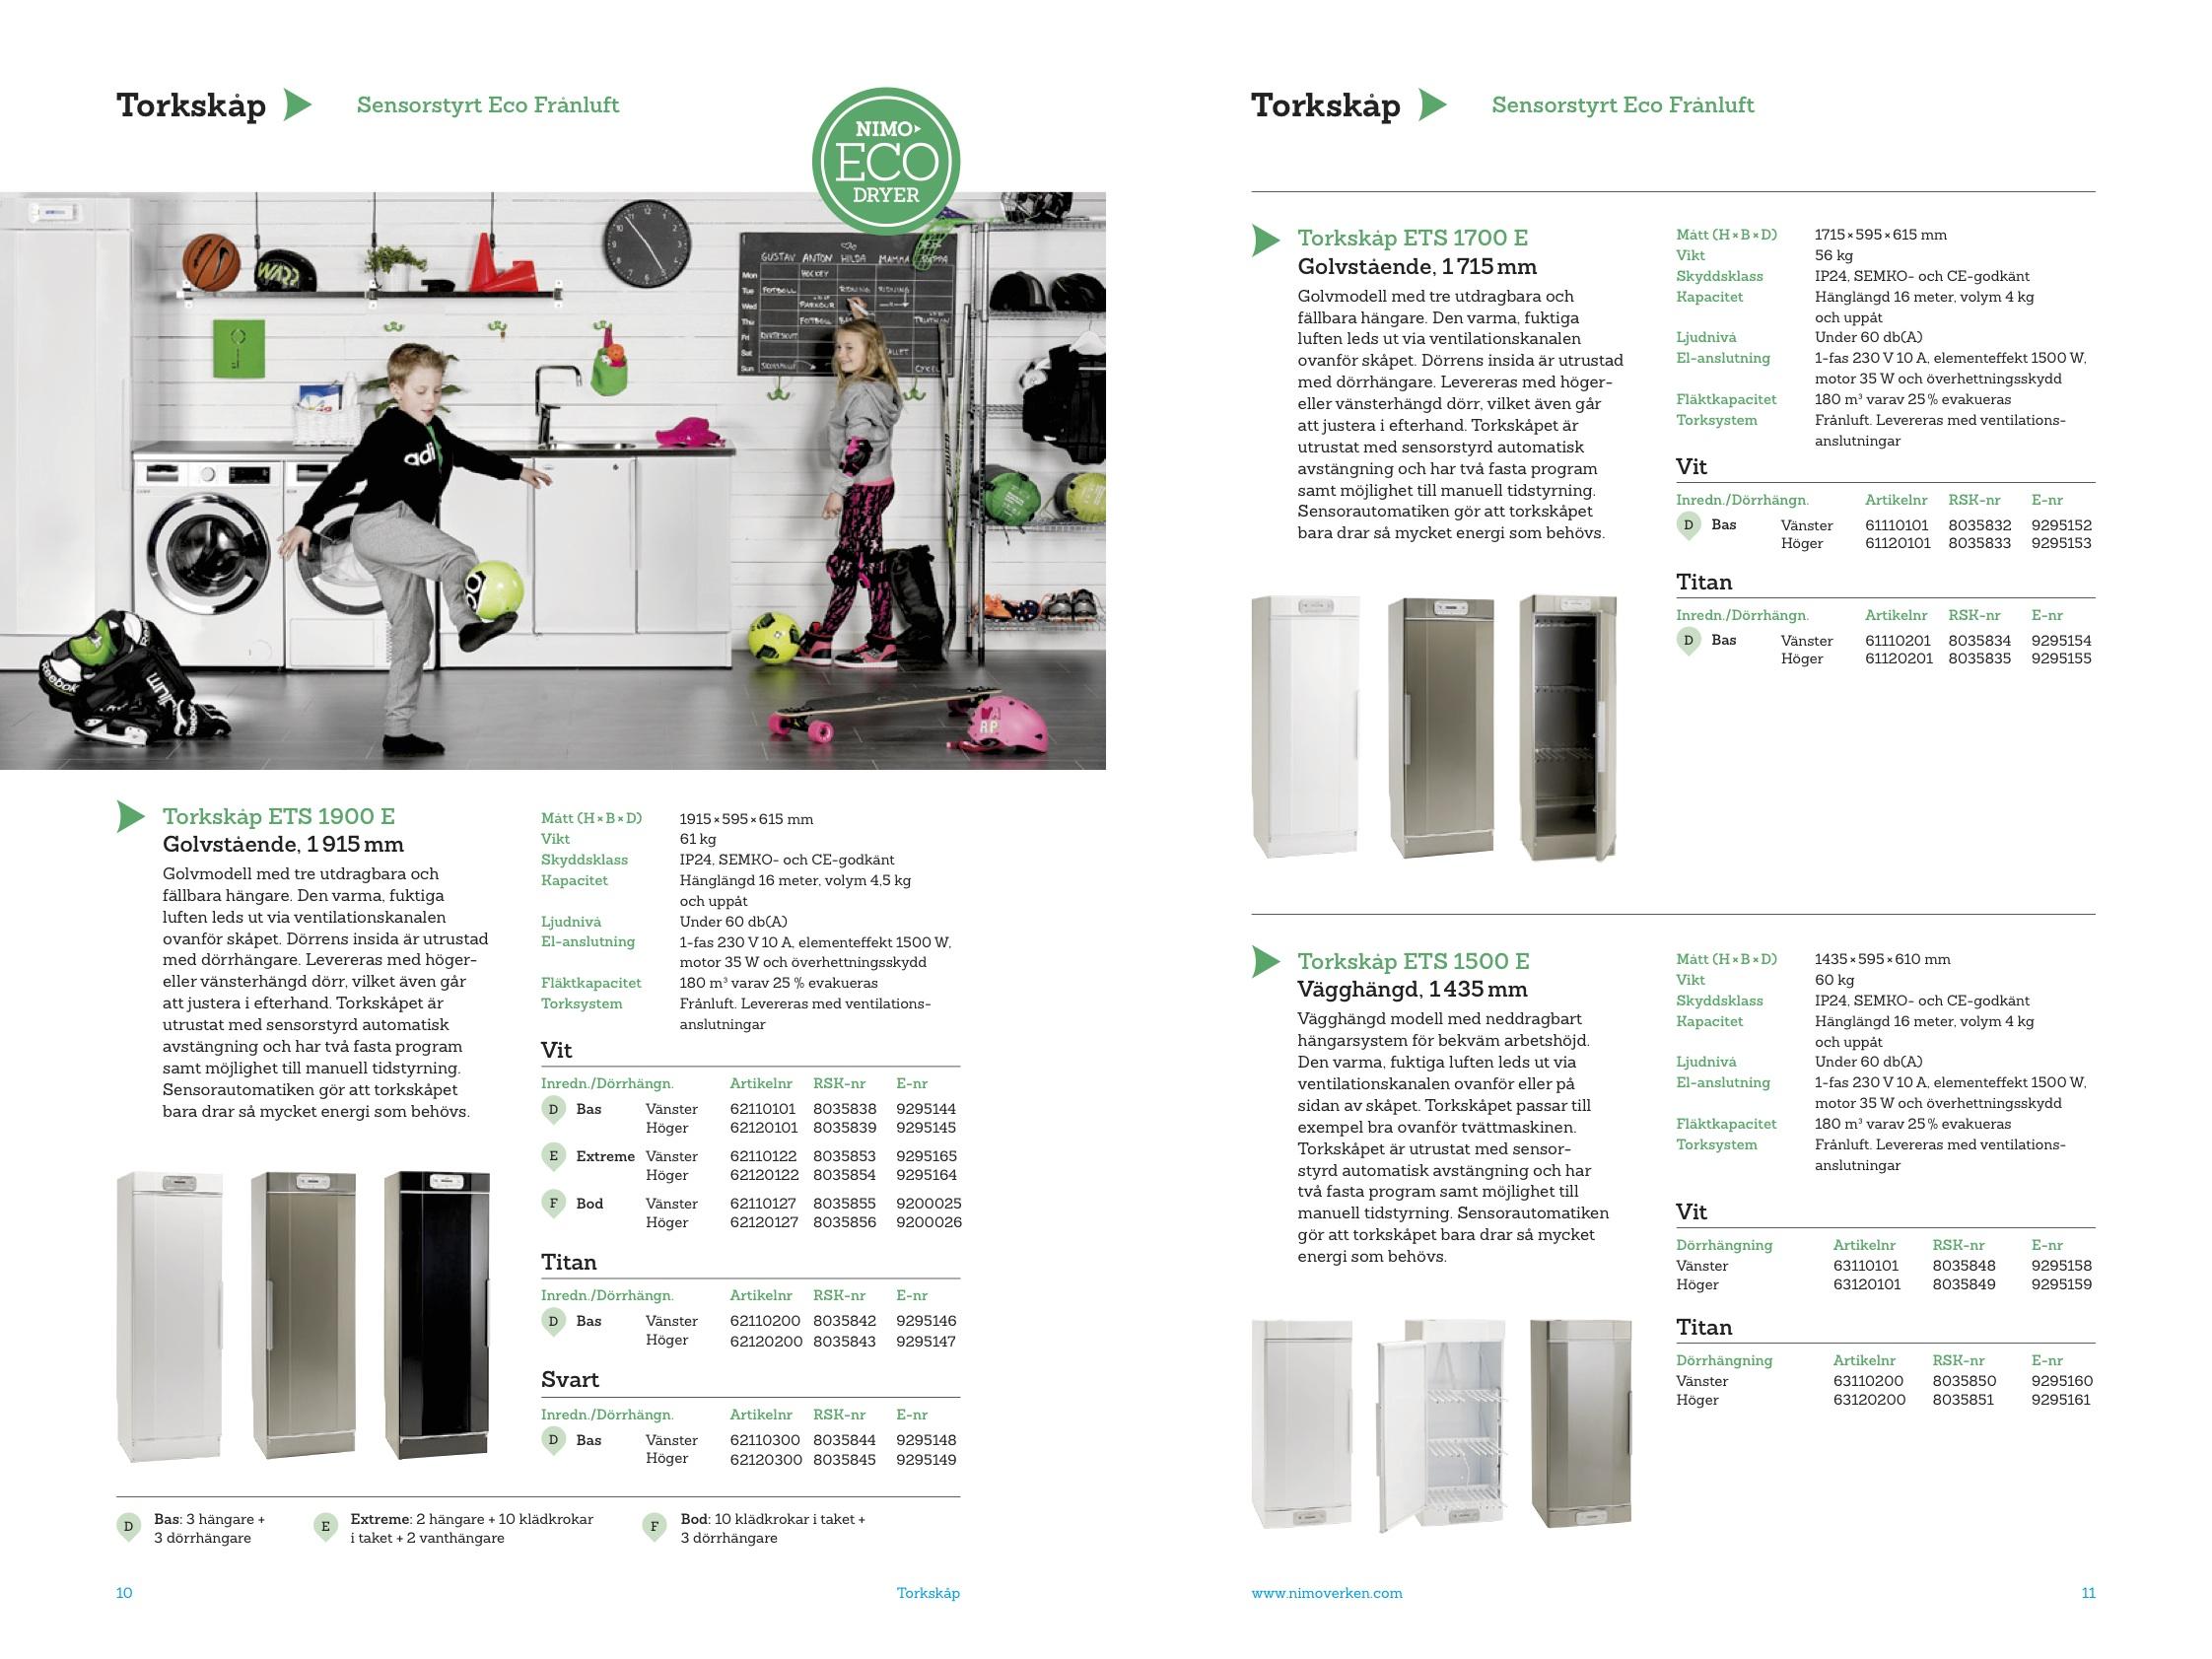 Nimo.broschyr.6.jpg